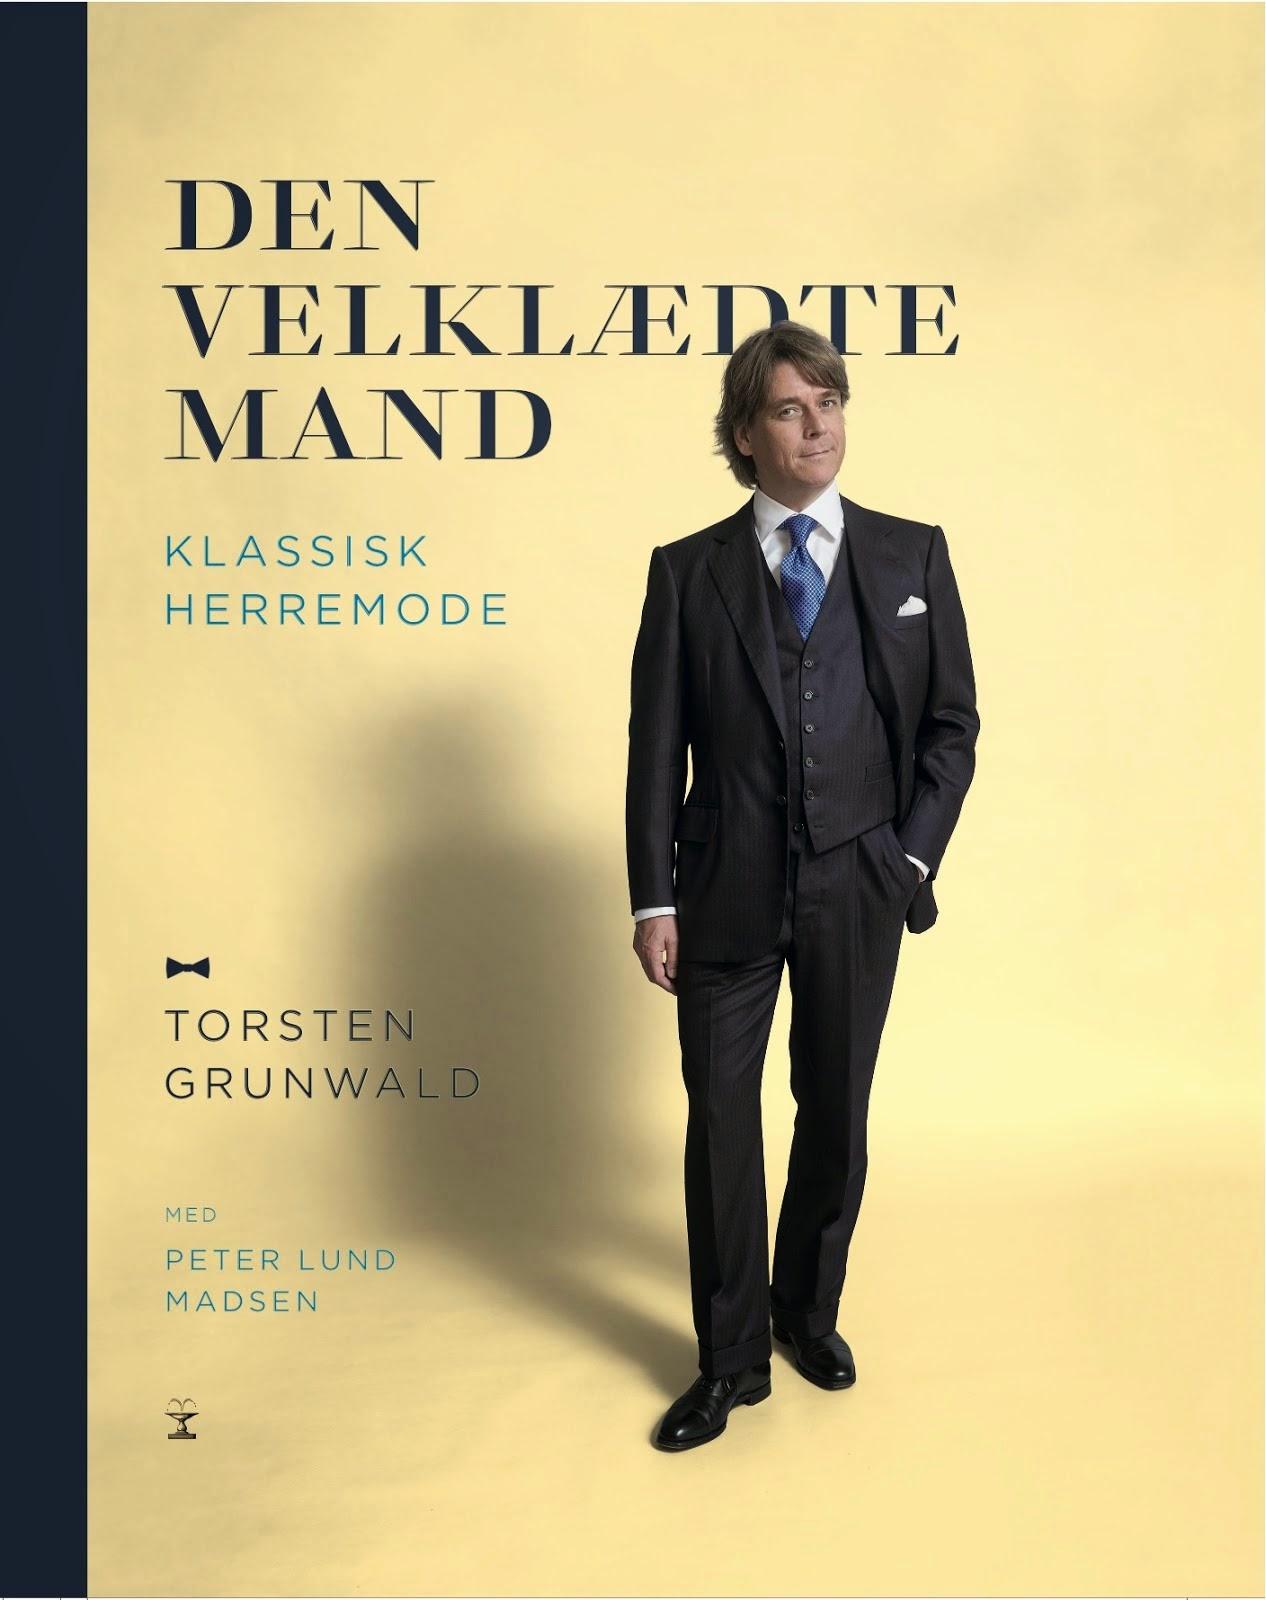 Den velklædte mand - køb bogen af forfatteren